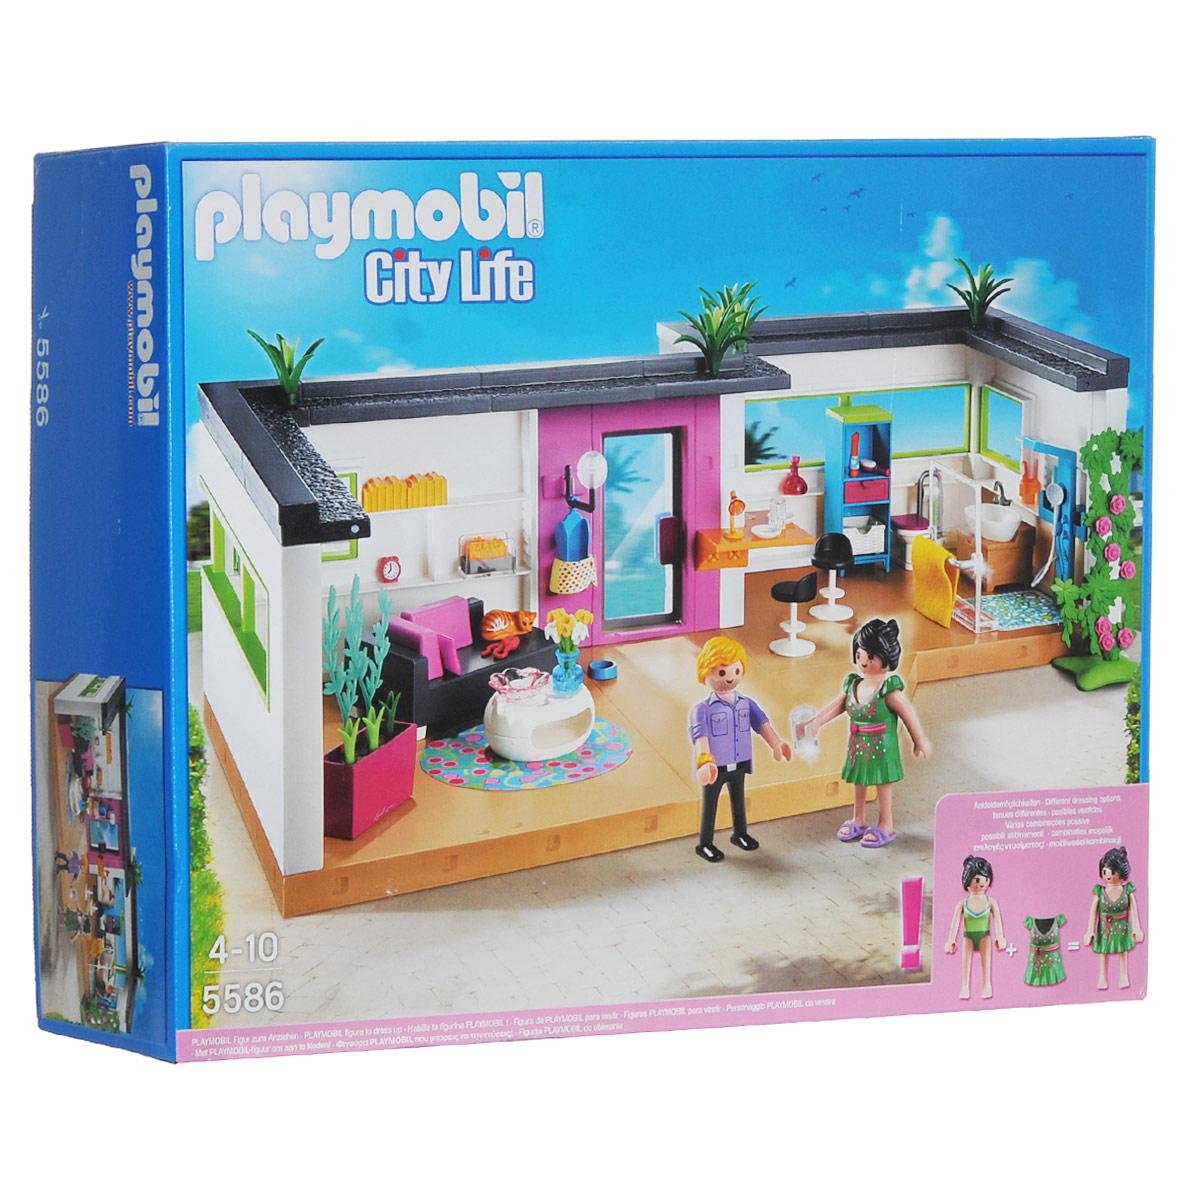 Playmobil Игровой набор Номер для гостей5586Игровой набор Playmobil Номер для гостей обязательно понравится вашему ребенку. Он выполнен из безопасного пластика и включает фигурки мужчины и женщины, элементы для сборки уютной комнаты со всем необходимым, элементы интерьера и другие аксессуары для игры. Гости почувствуют себя как дома, ведь и их номере есть гостиная с уютным диваном, ванная с душем и даже небольшая кухня с микроволновой печью, не говоря уже о множестве приятных мелочей. У фигурок подвижные части тела; в руках они могут удерживать предметы. Ваш ребенок с удовольствием будет играть с набором, придумывая веселые истории. Рекомендуемый возраст: от 4 до 10 лет.